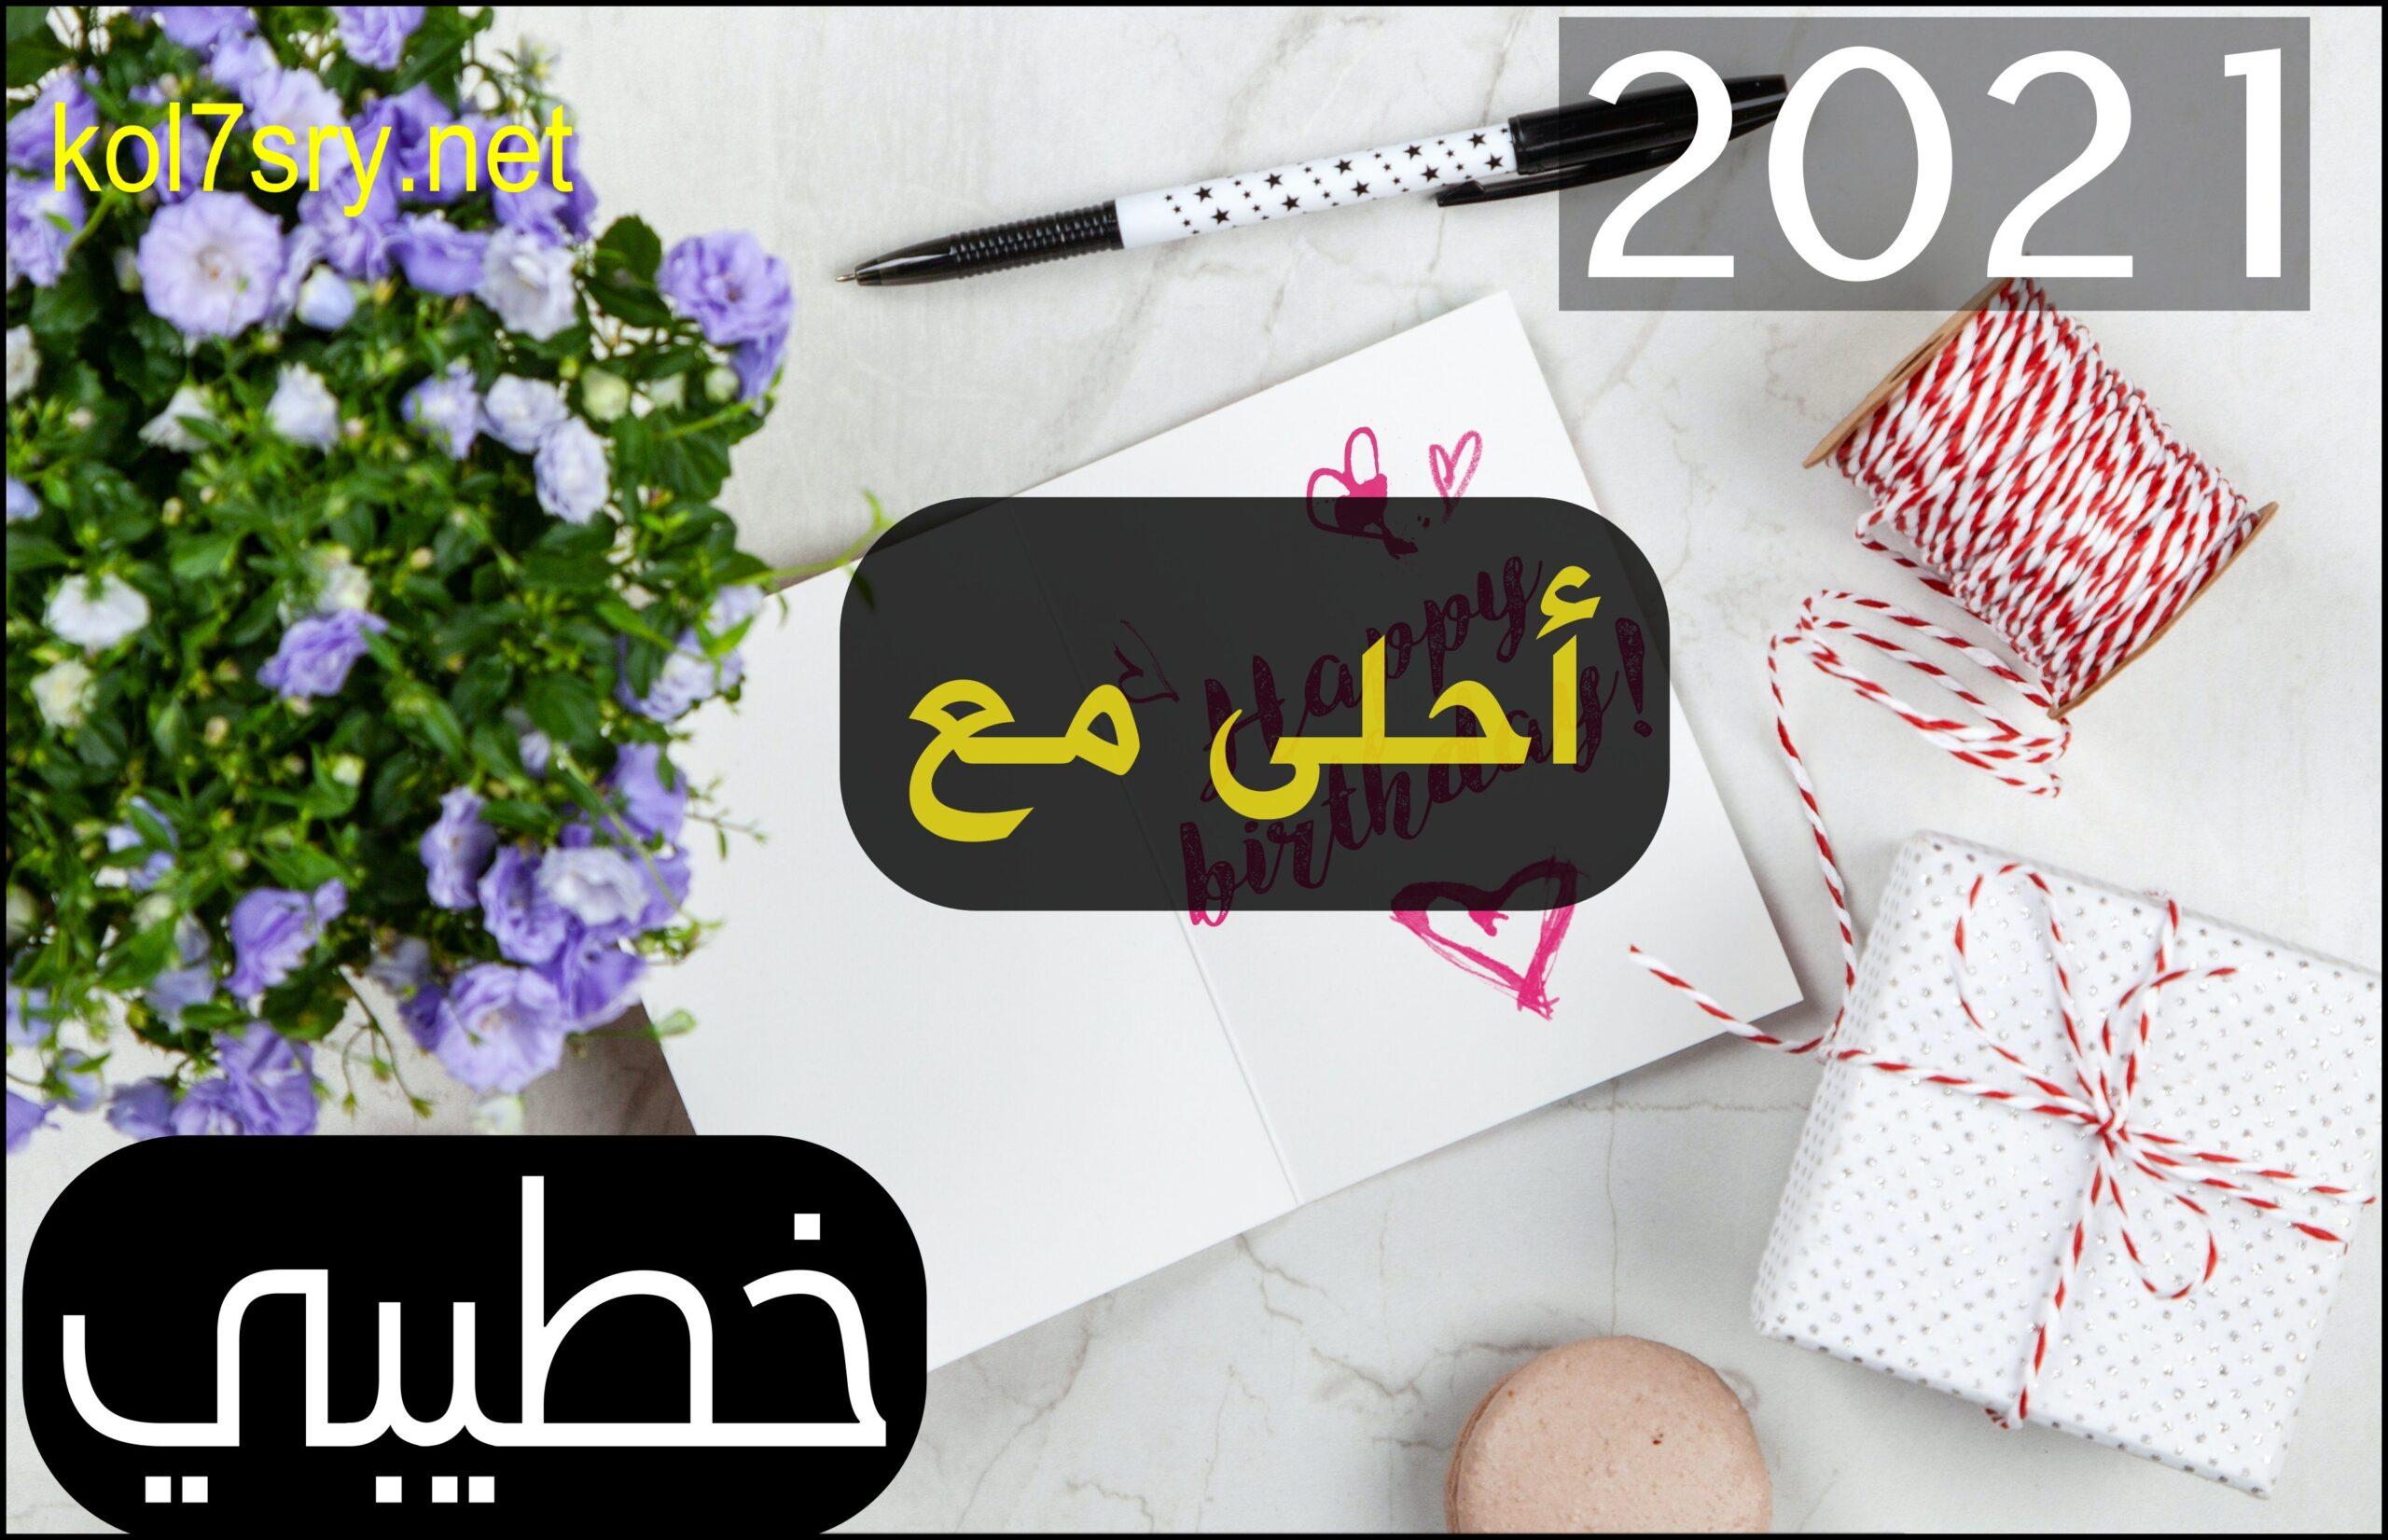 2021 أحلى مع اسمك أجمل 40 صورة HD لعام 2021 احلى مع مجانا اطلب التصميم بالتعليقات 35